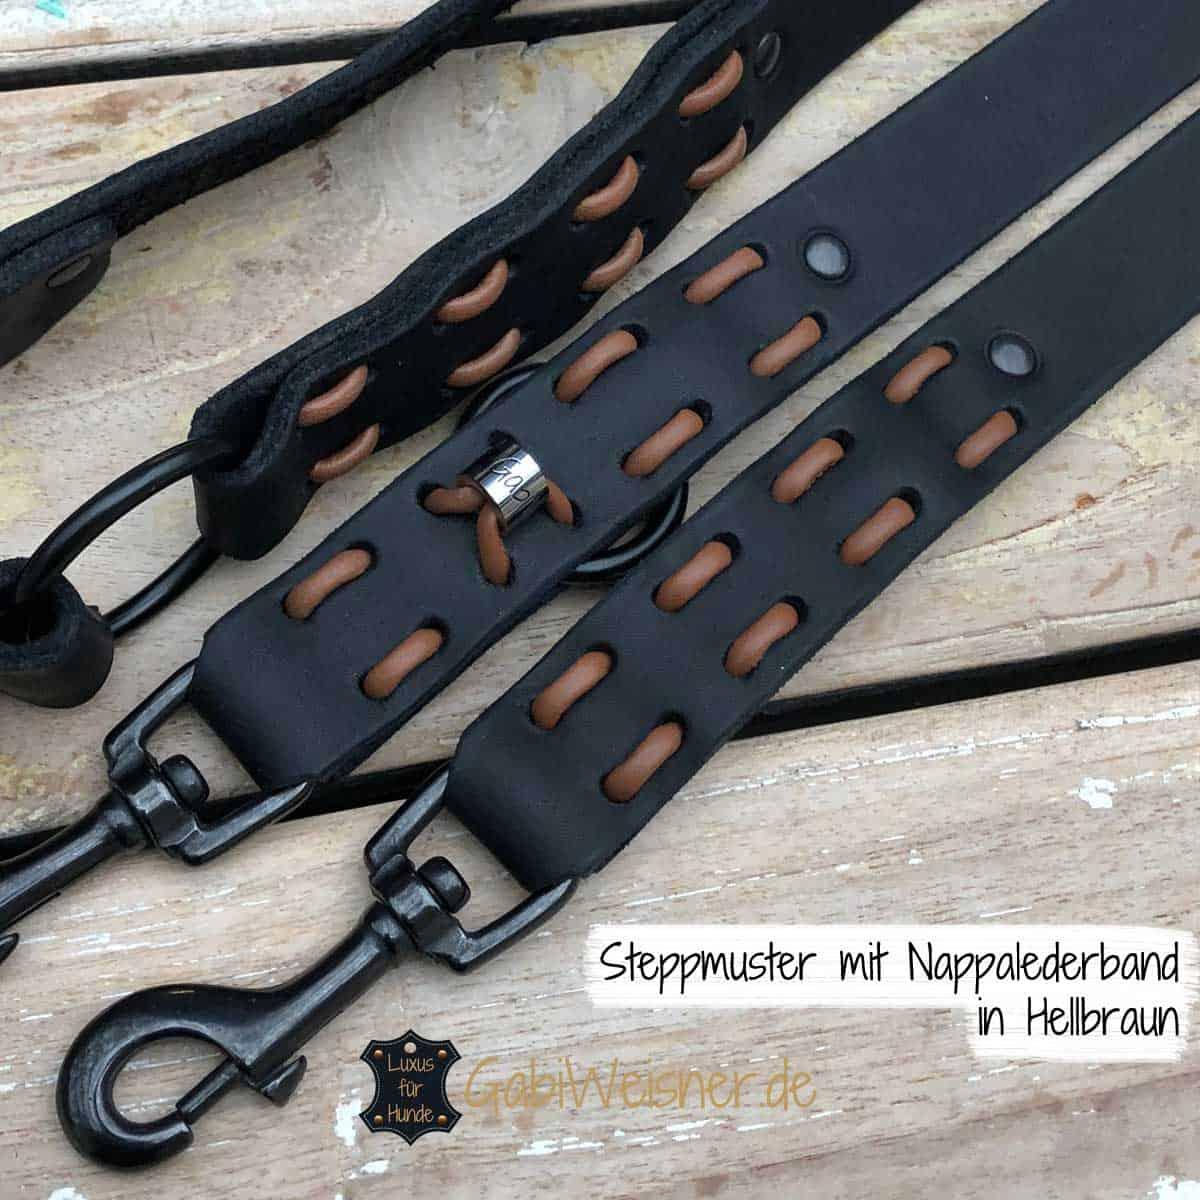 Steppmuster mit Nappalederband in Hellbraun